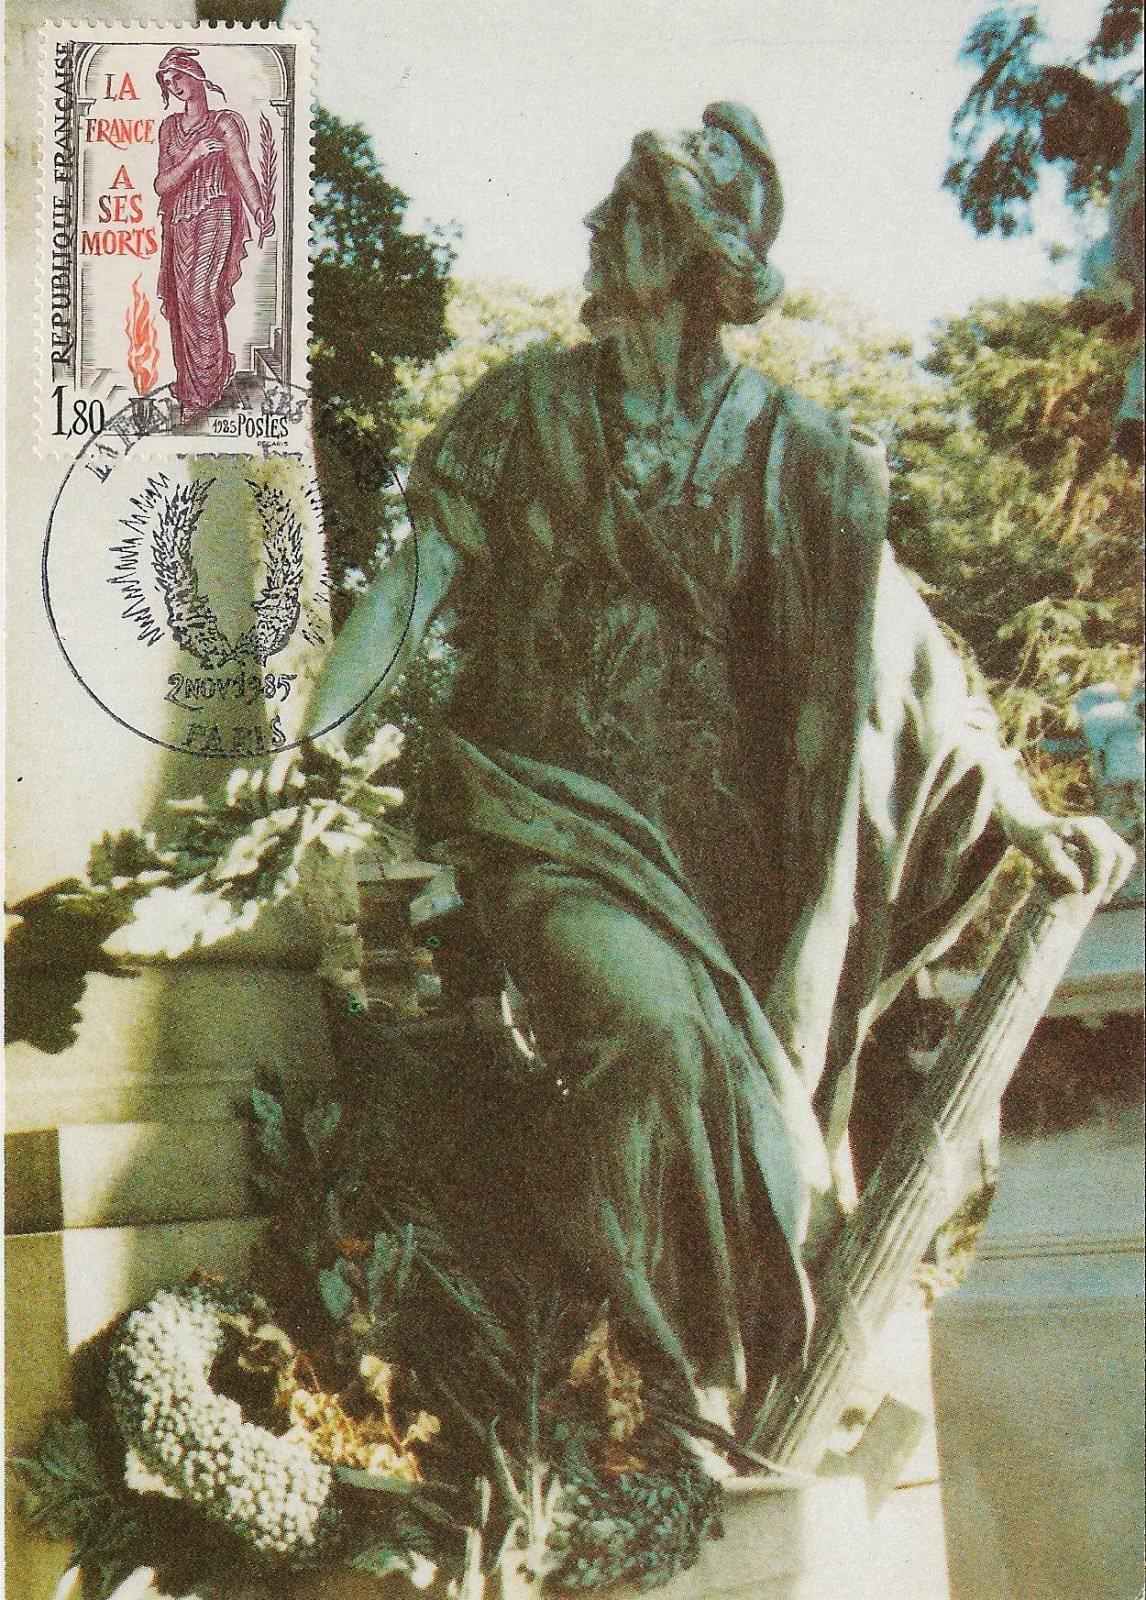 la france a ses morts 1986